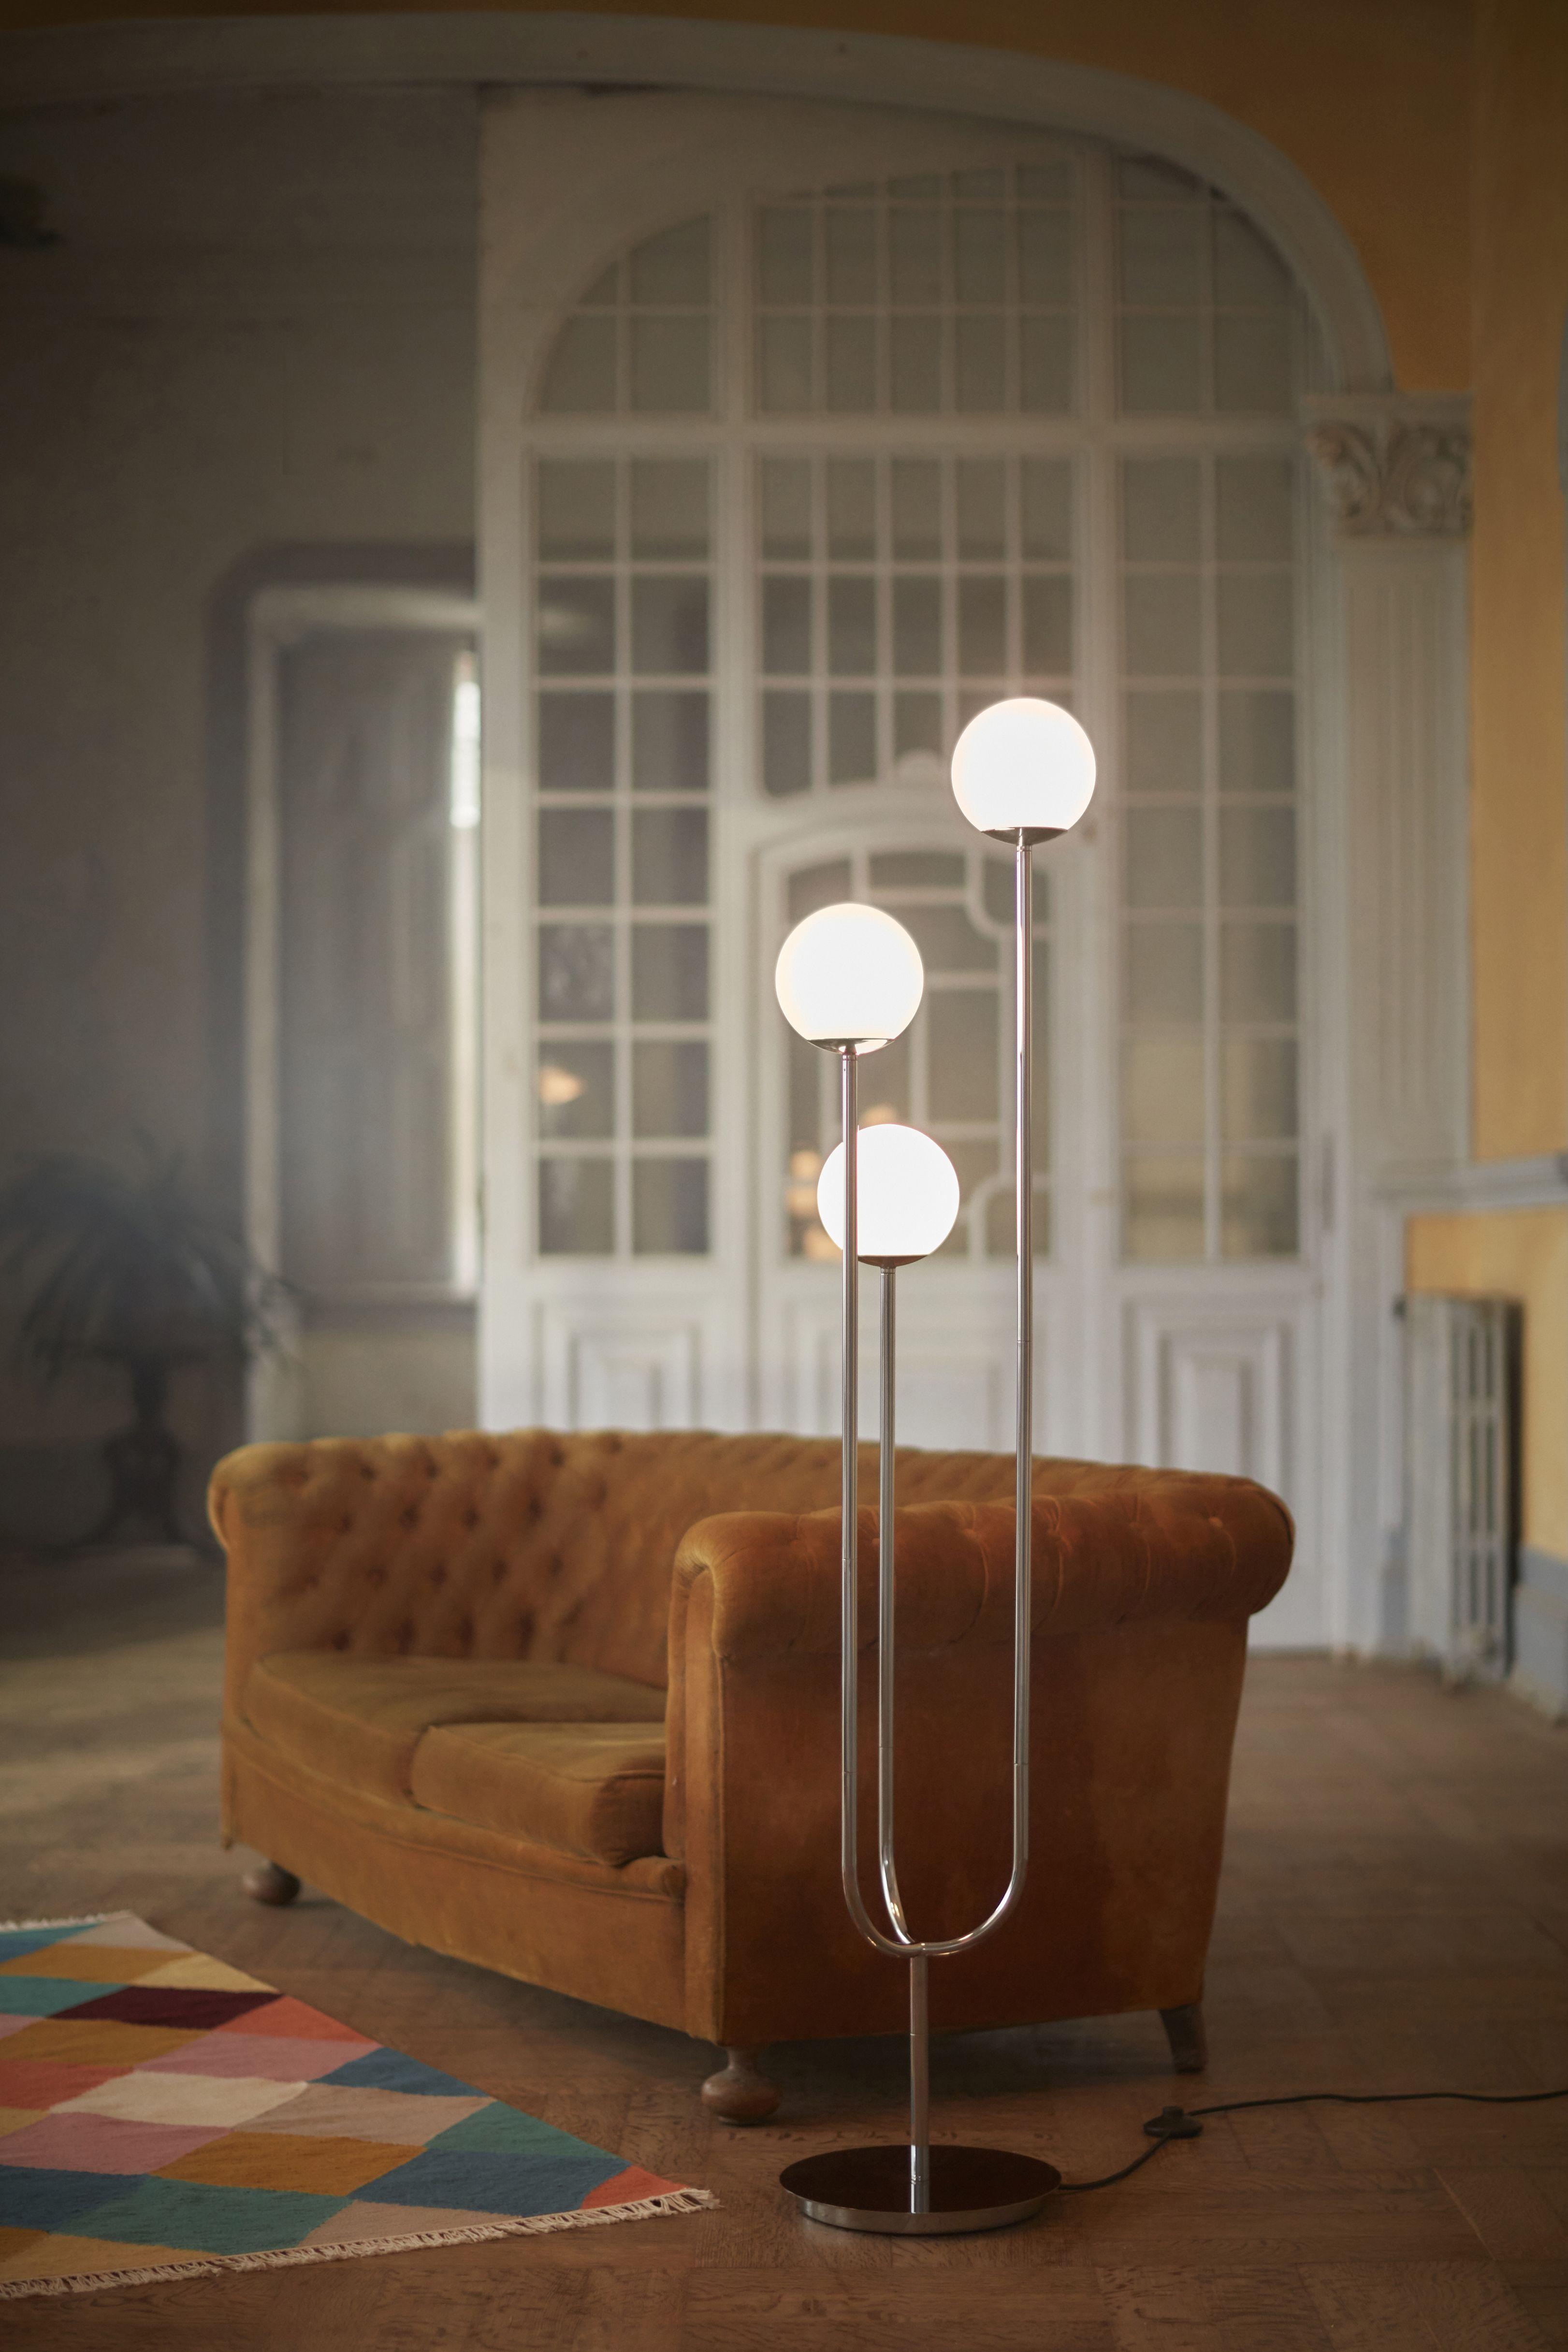 Simrishamn Standleuchte Verchromt Opalweiss Glas Ikea Deutschland In 2020 Standleuchte Moderne Beleuchtung Ikea